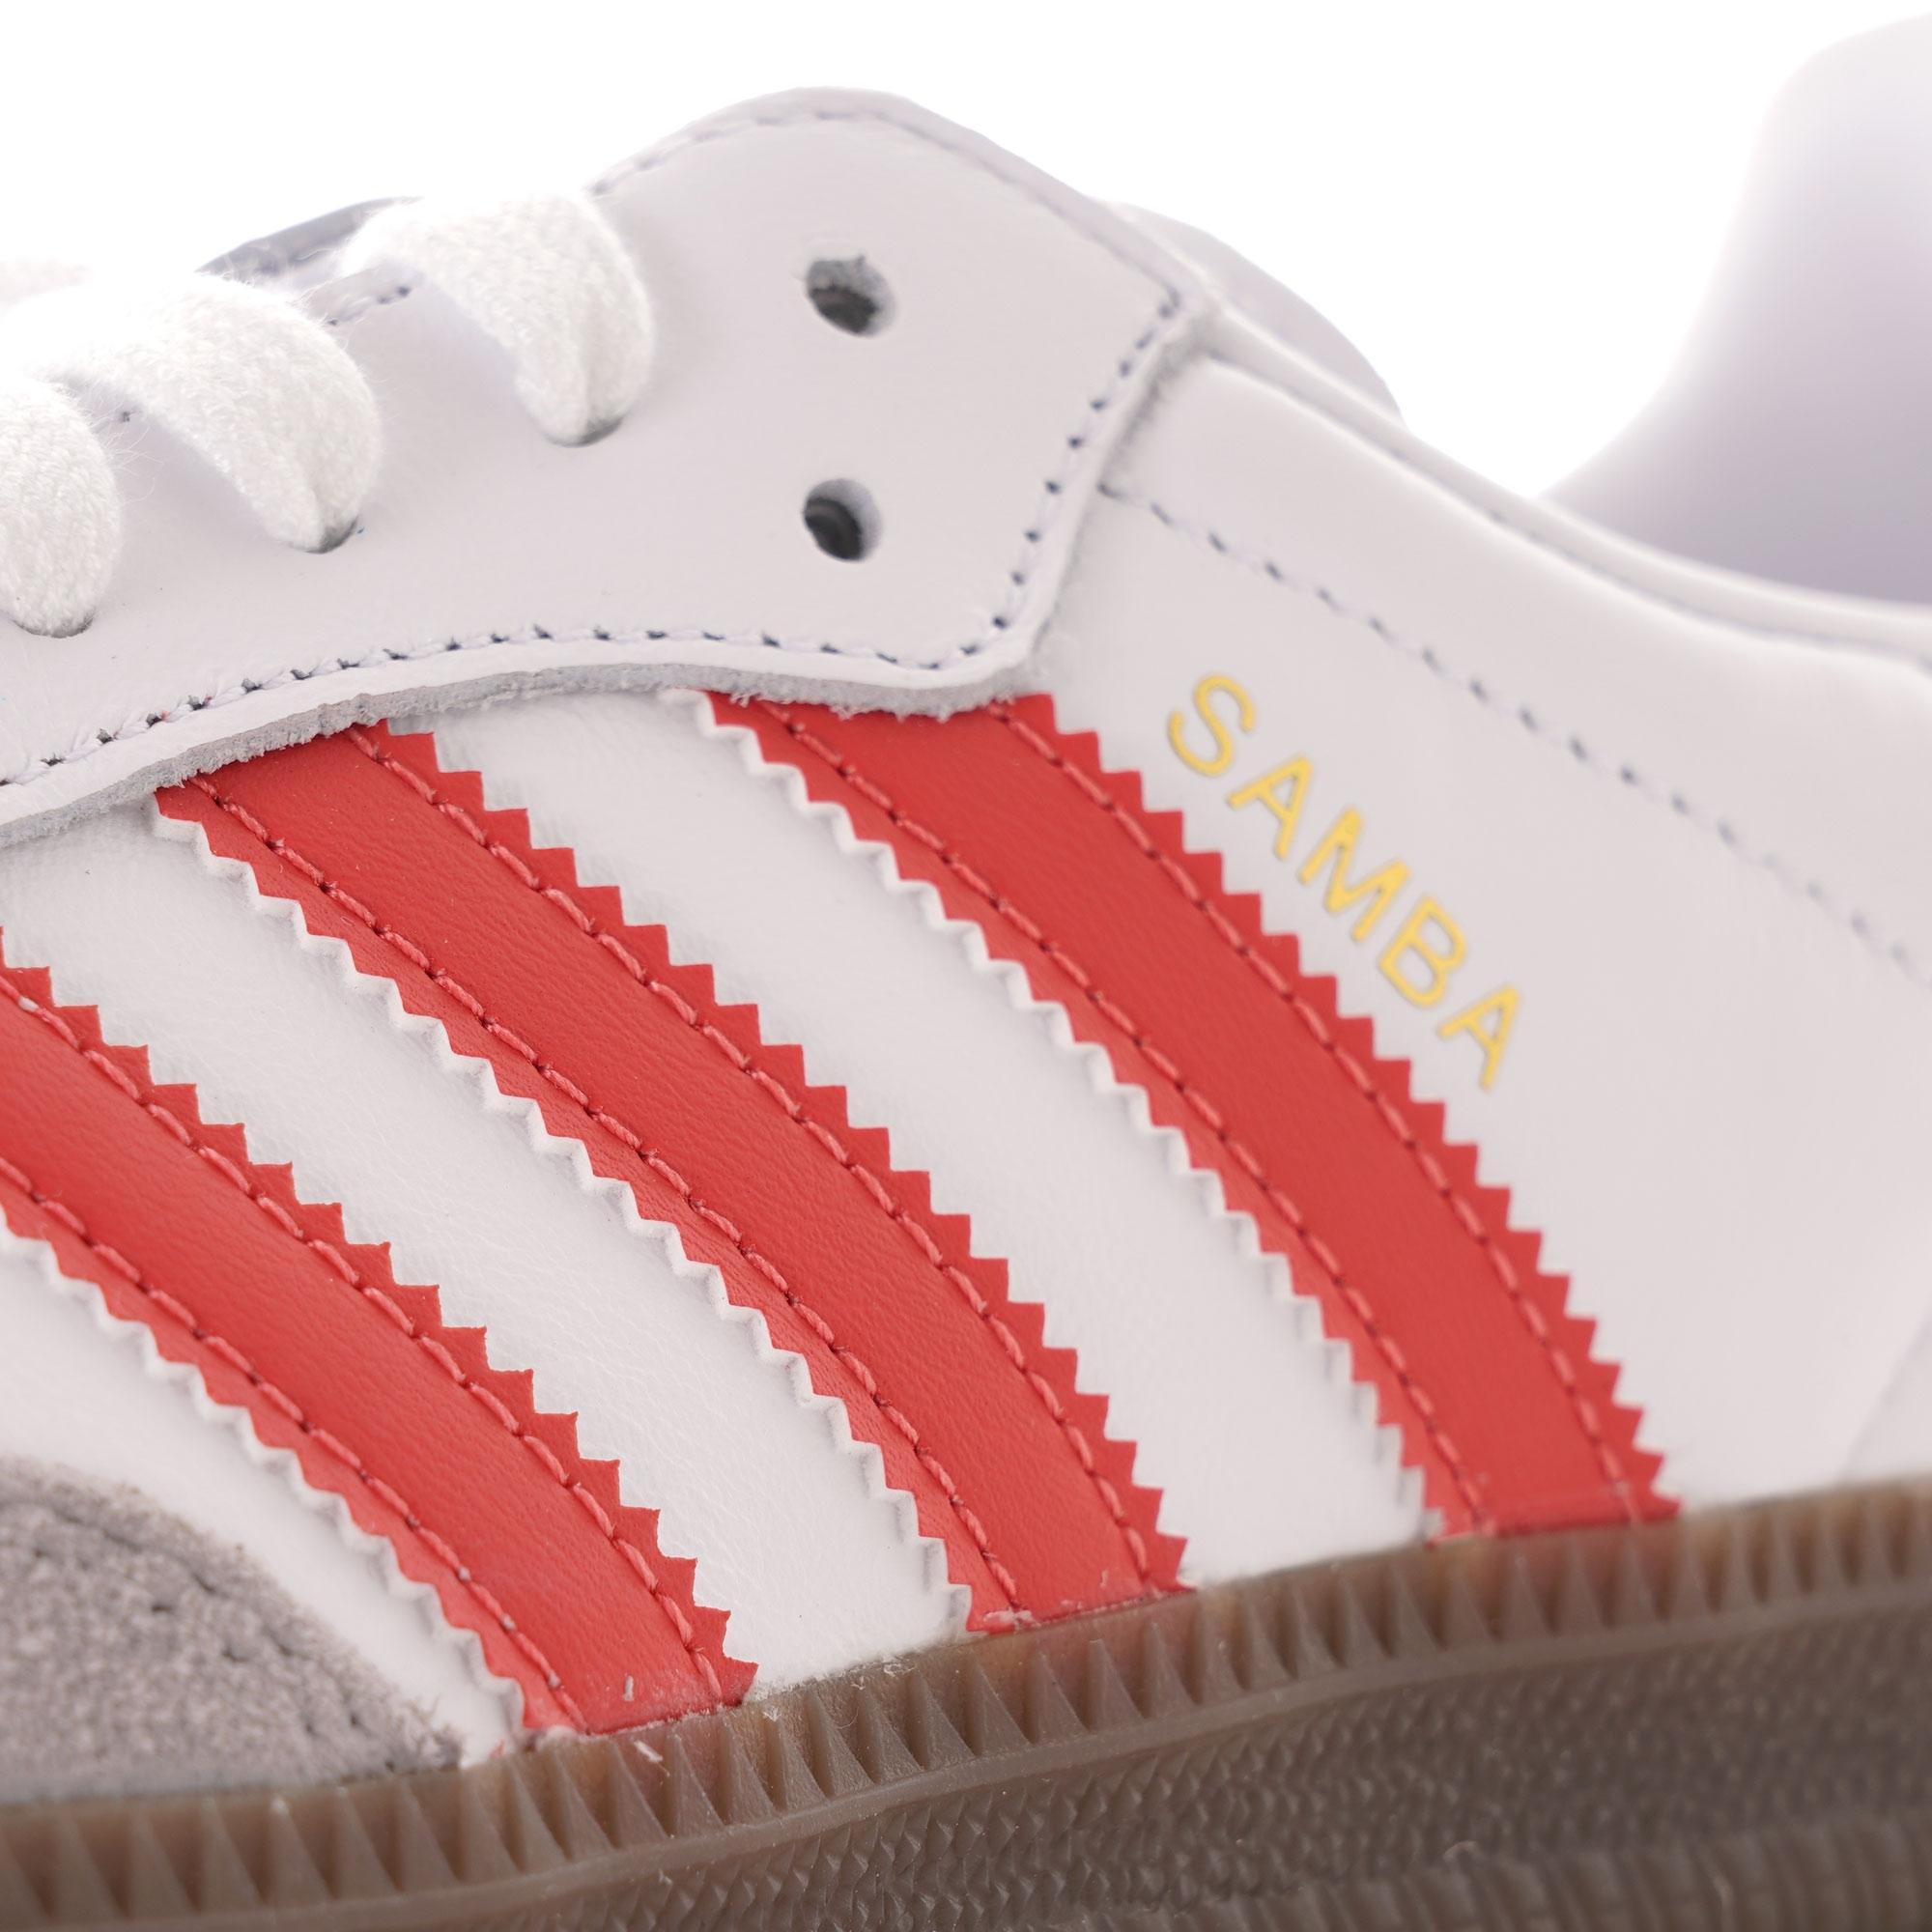 adidas Originals Samba OG Cloud White